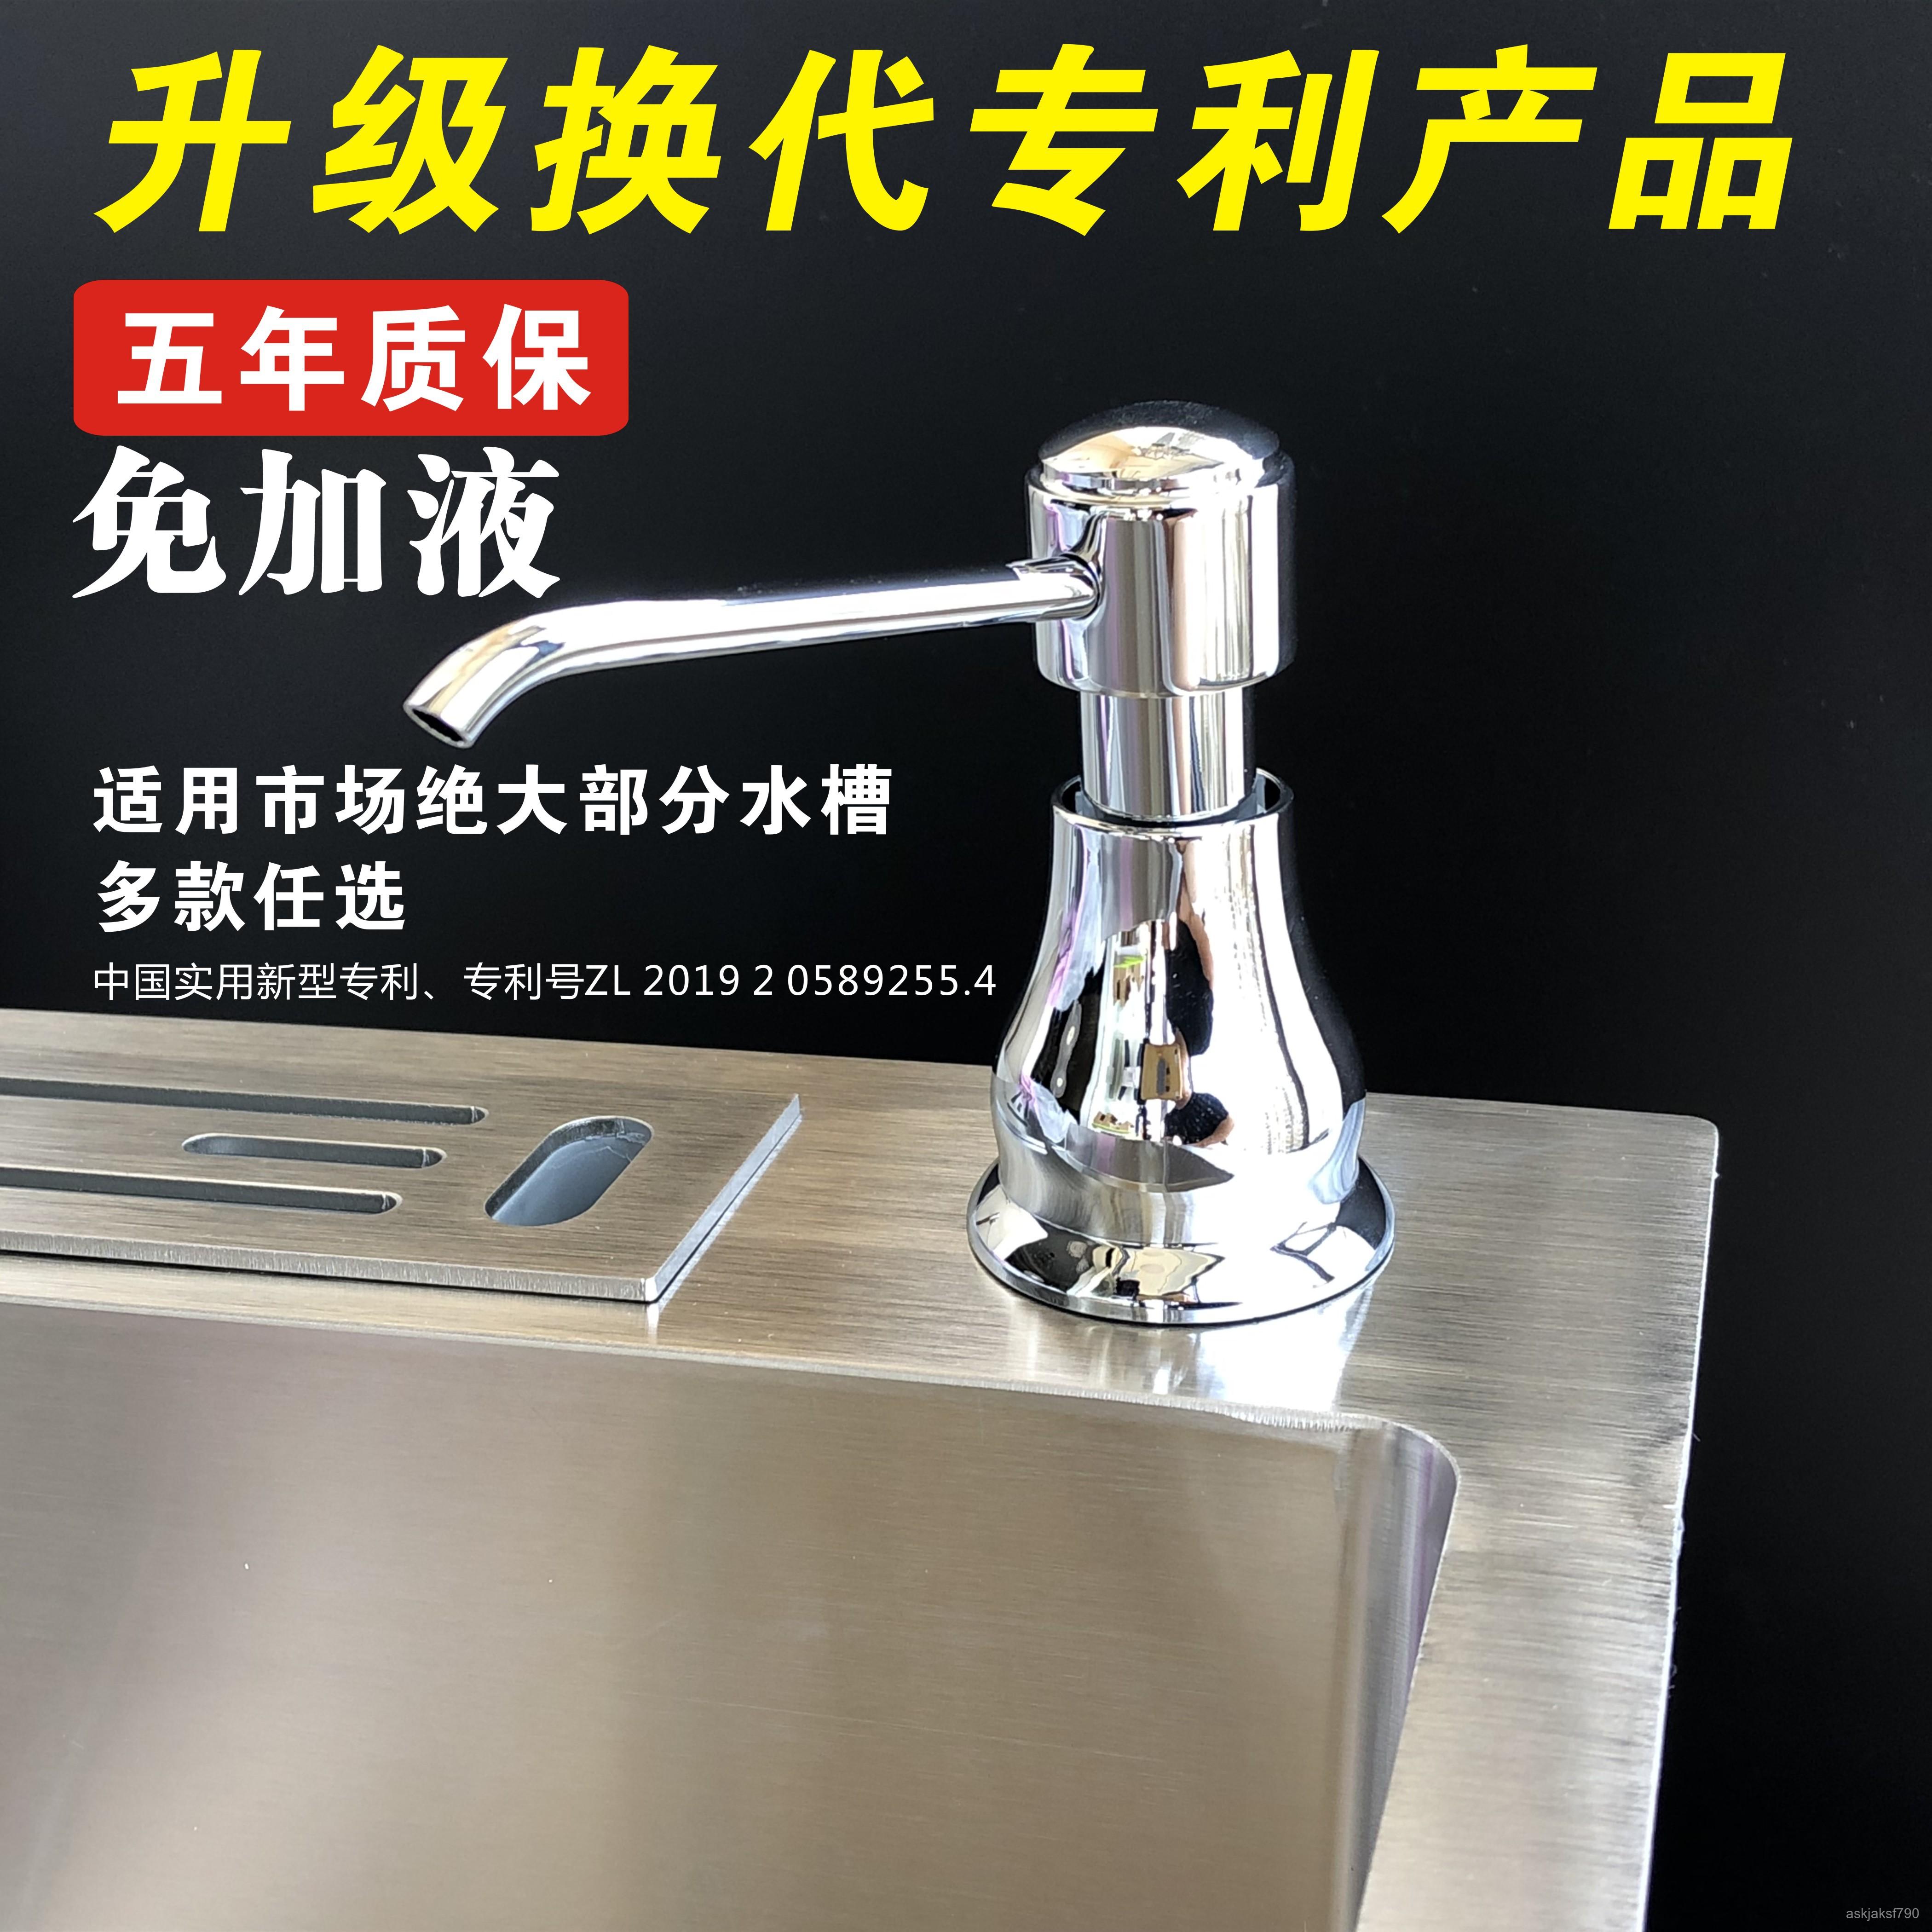 ที่กดน้ำยาล้างจาน★ตู้อ่างล้างจานกับความจุขนาดใหญ่ผักผงซักฟอกสแตนเลสผงซักฟอกPresserขวดฟรีของเหลว